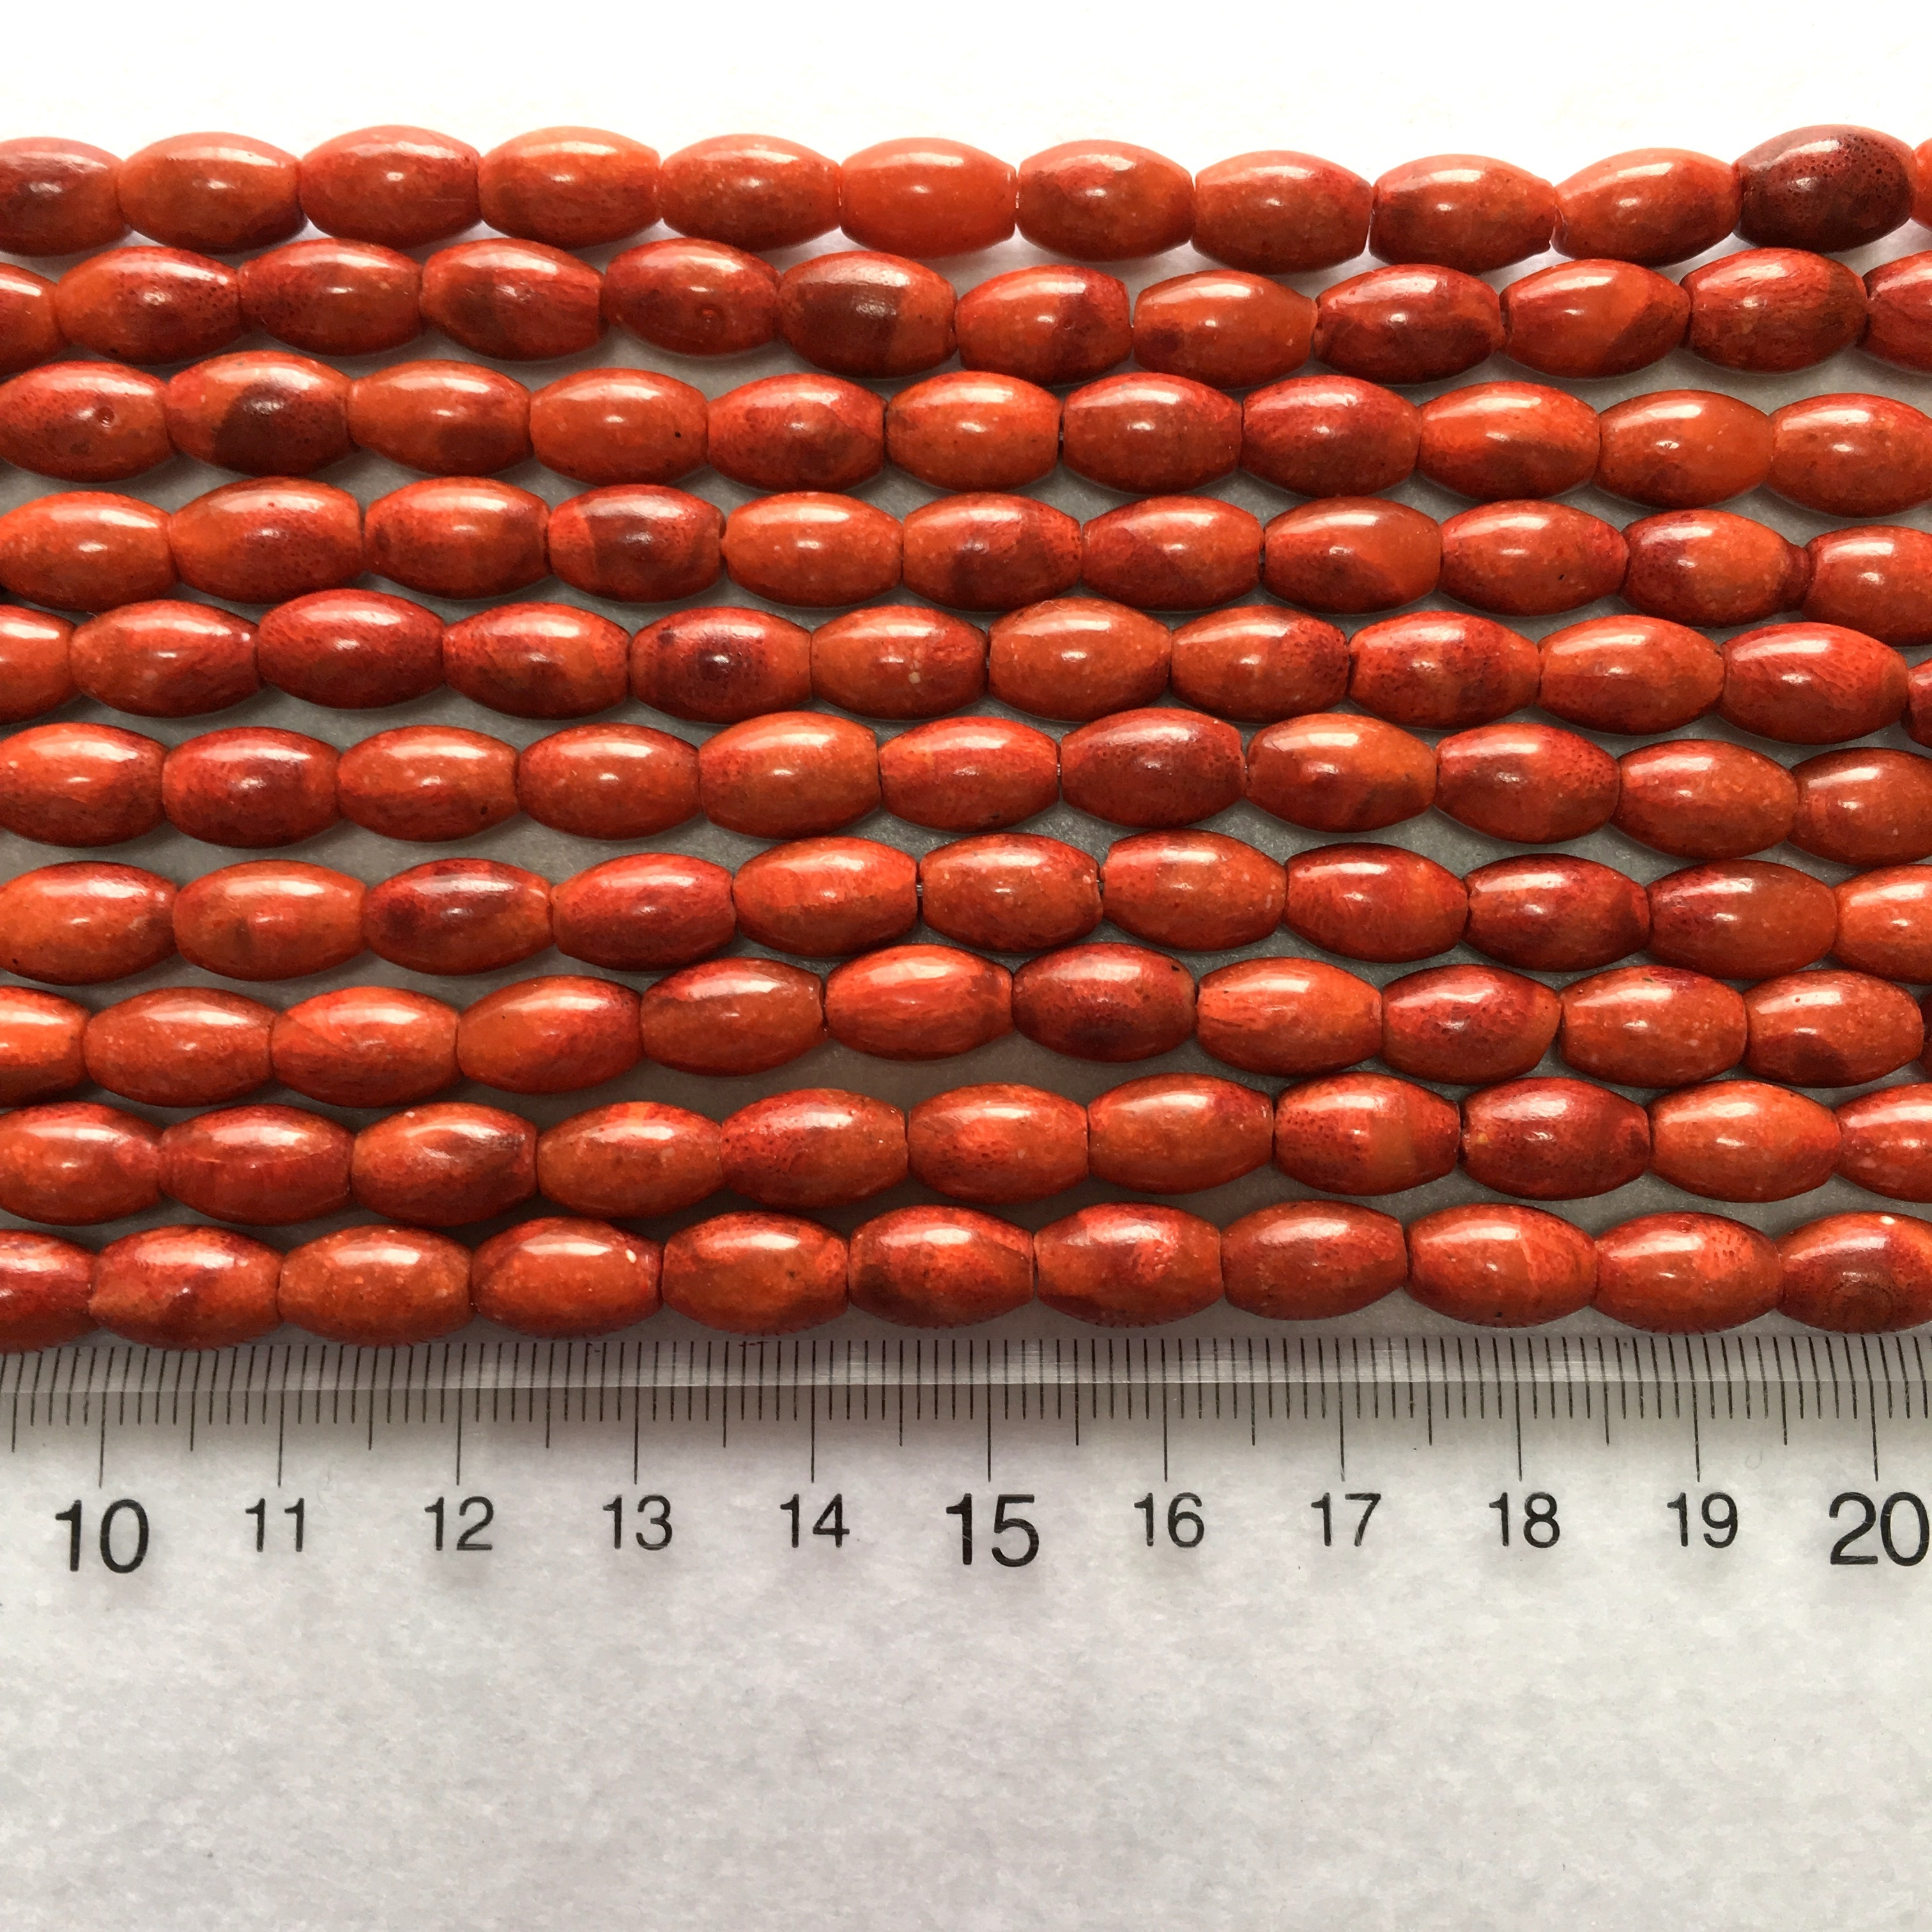 スポンジサンゴ バレル型 約10x7mm 連材【190162】